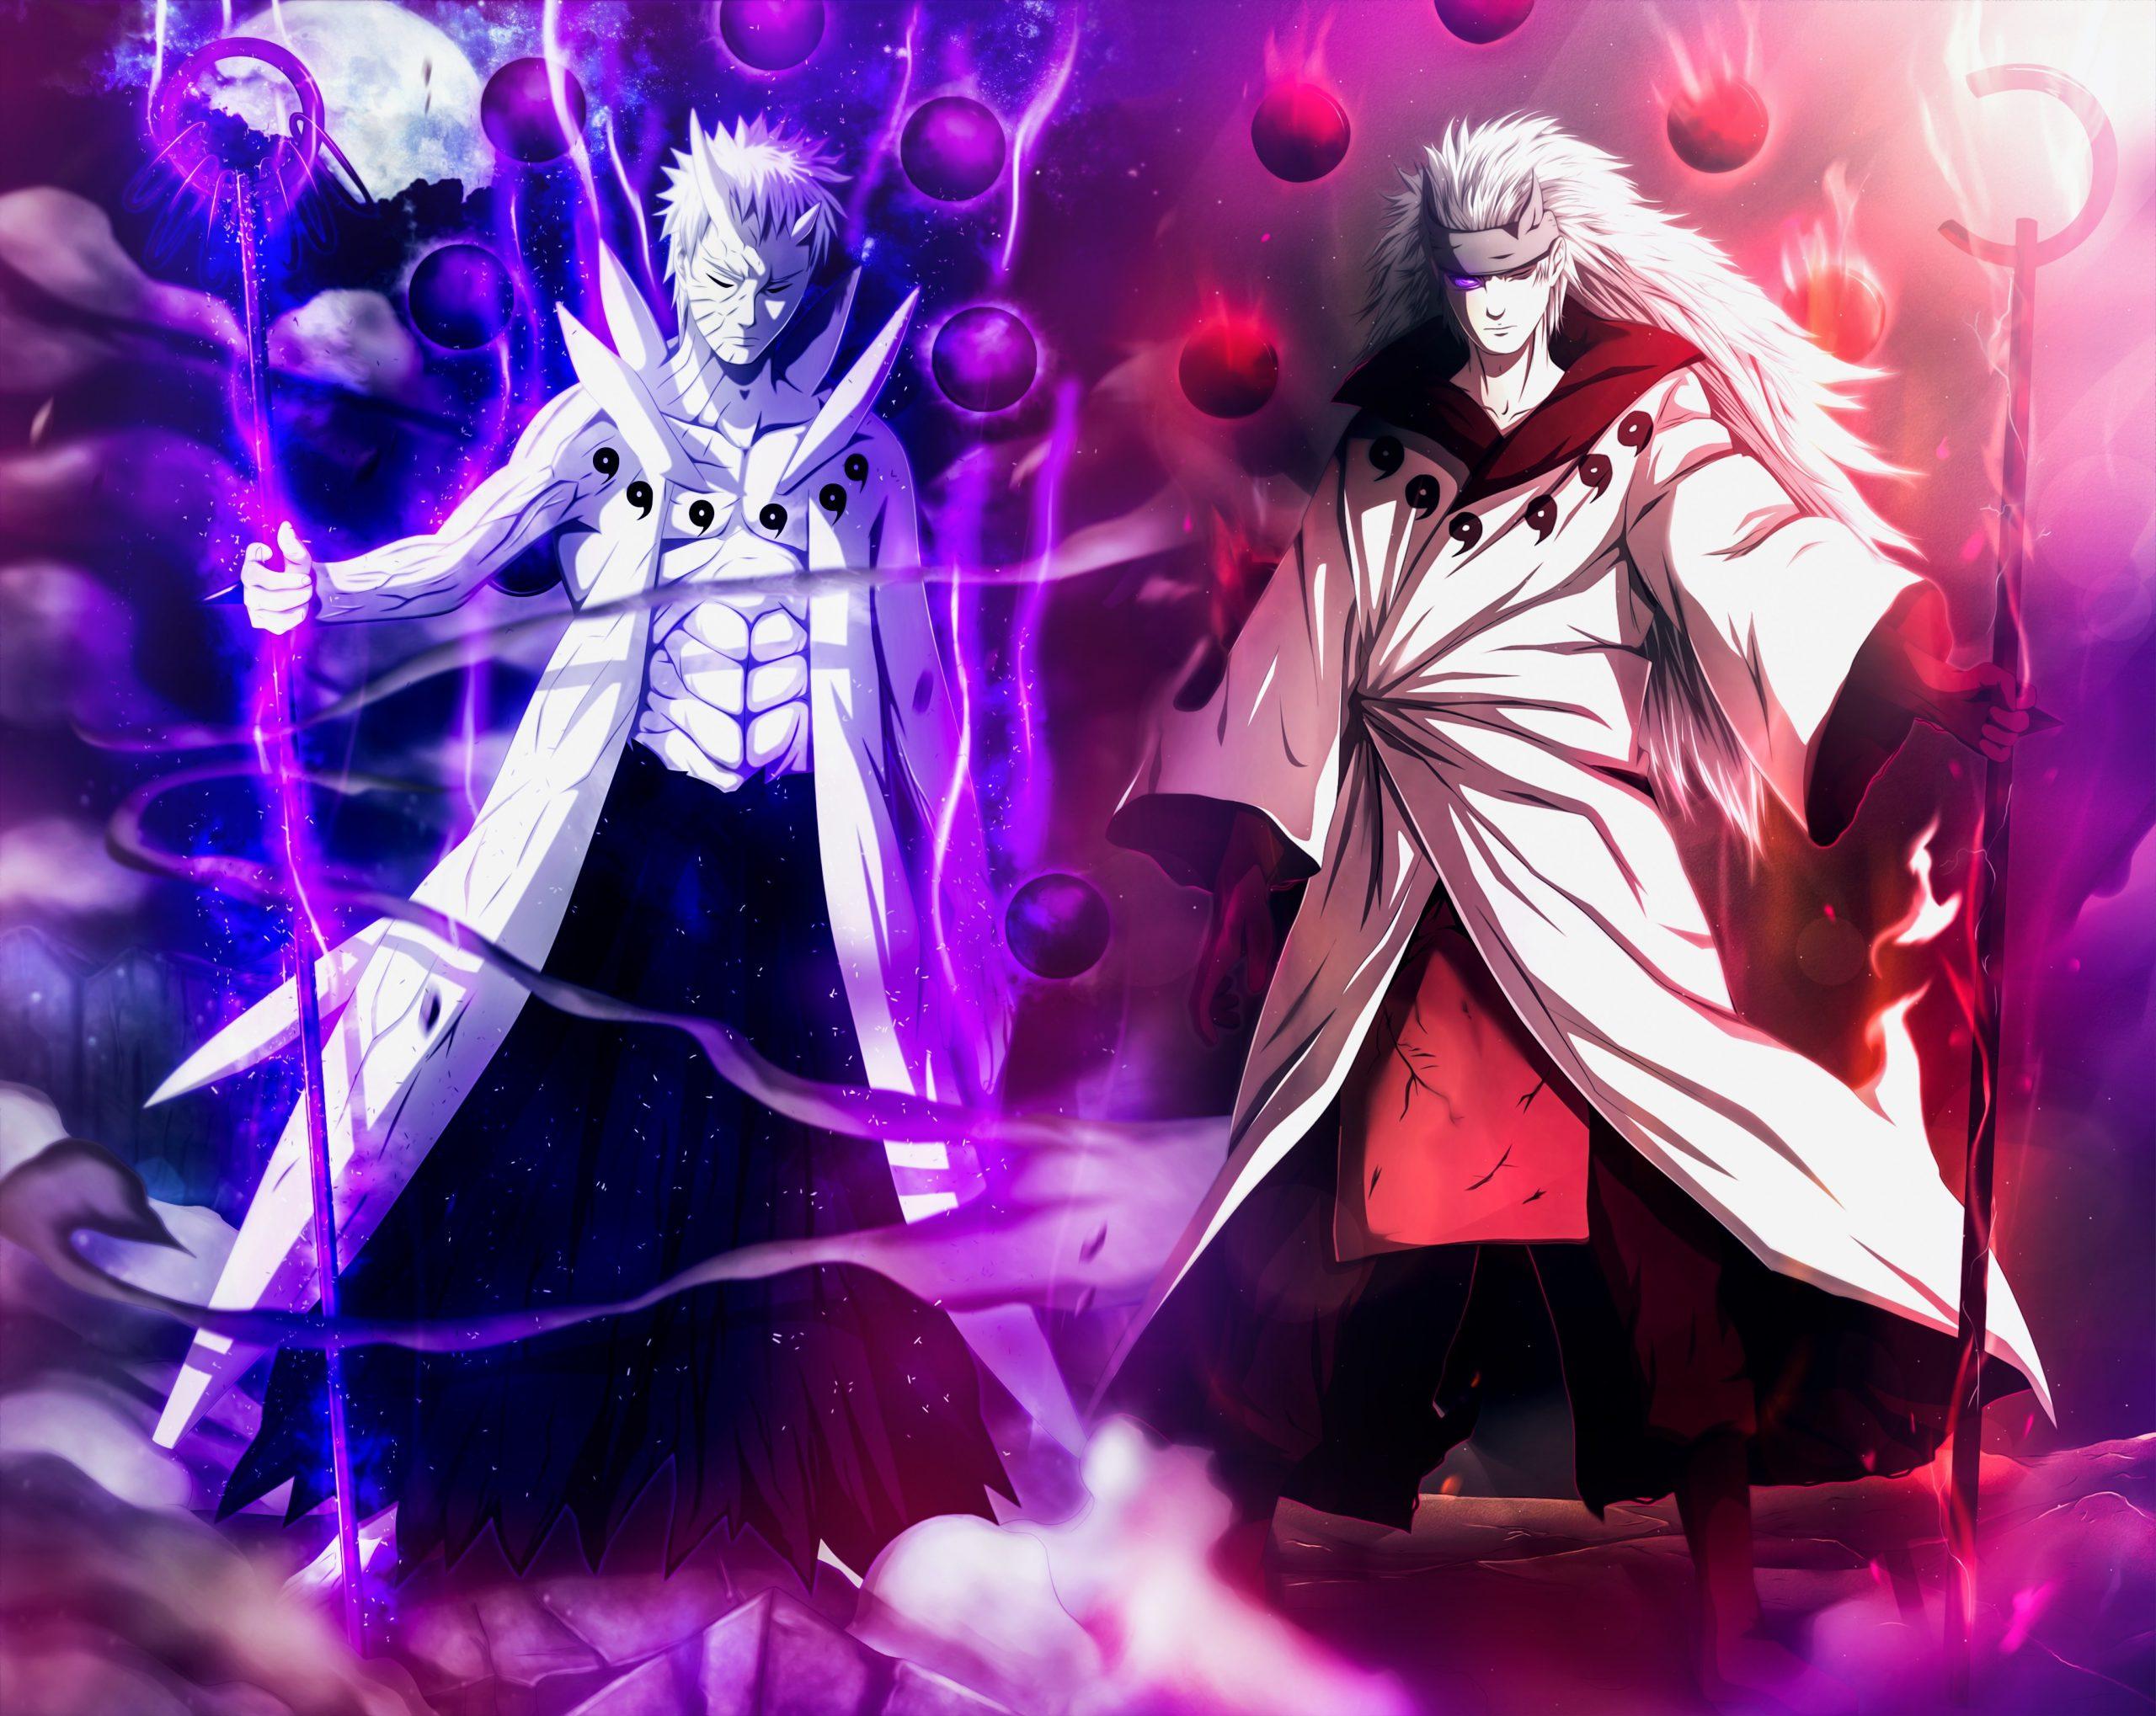 10 Naruto Uzumaki Wallpapers For Mobile and Desktop HD ...